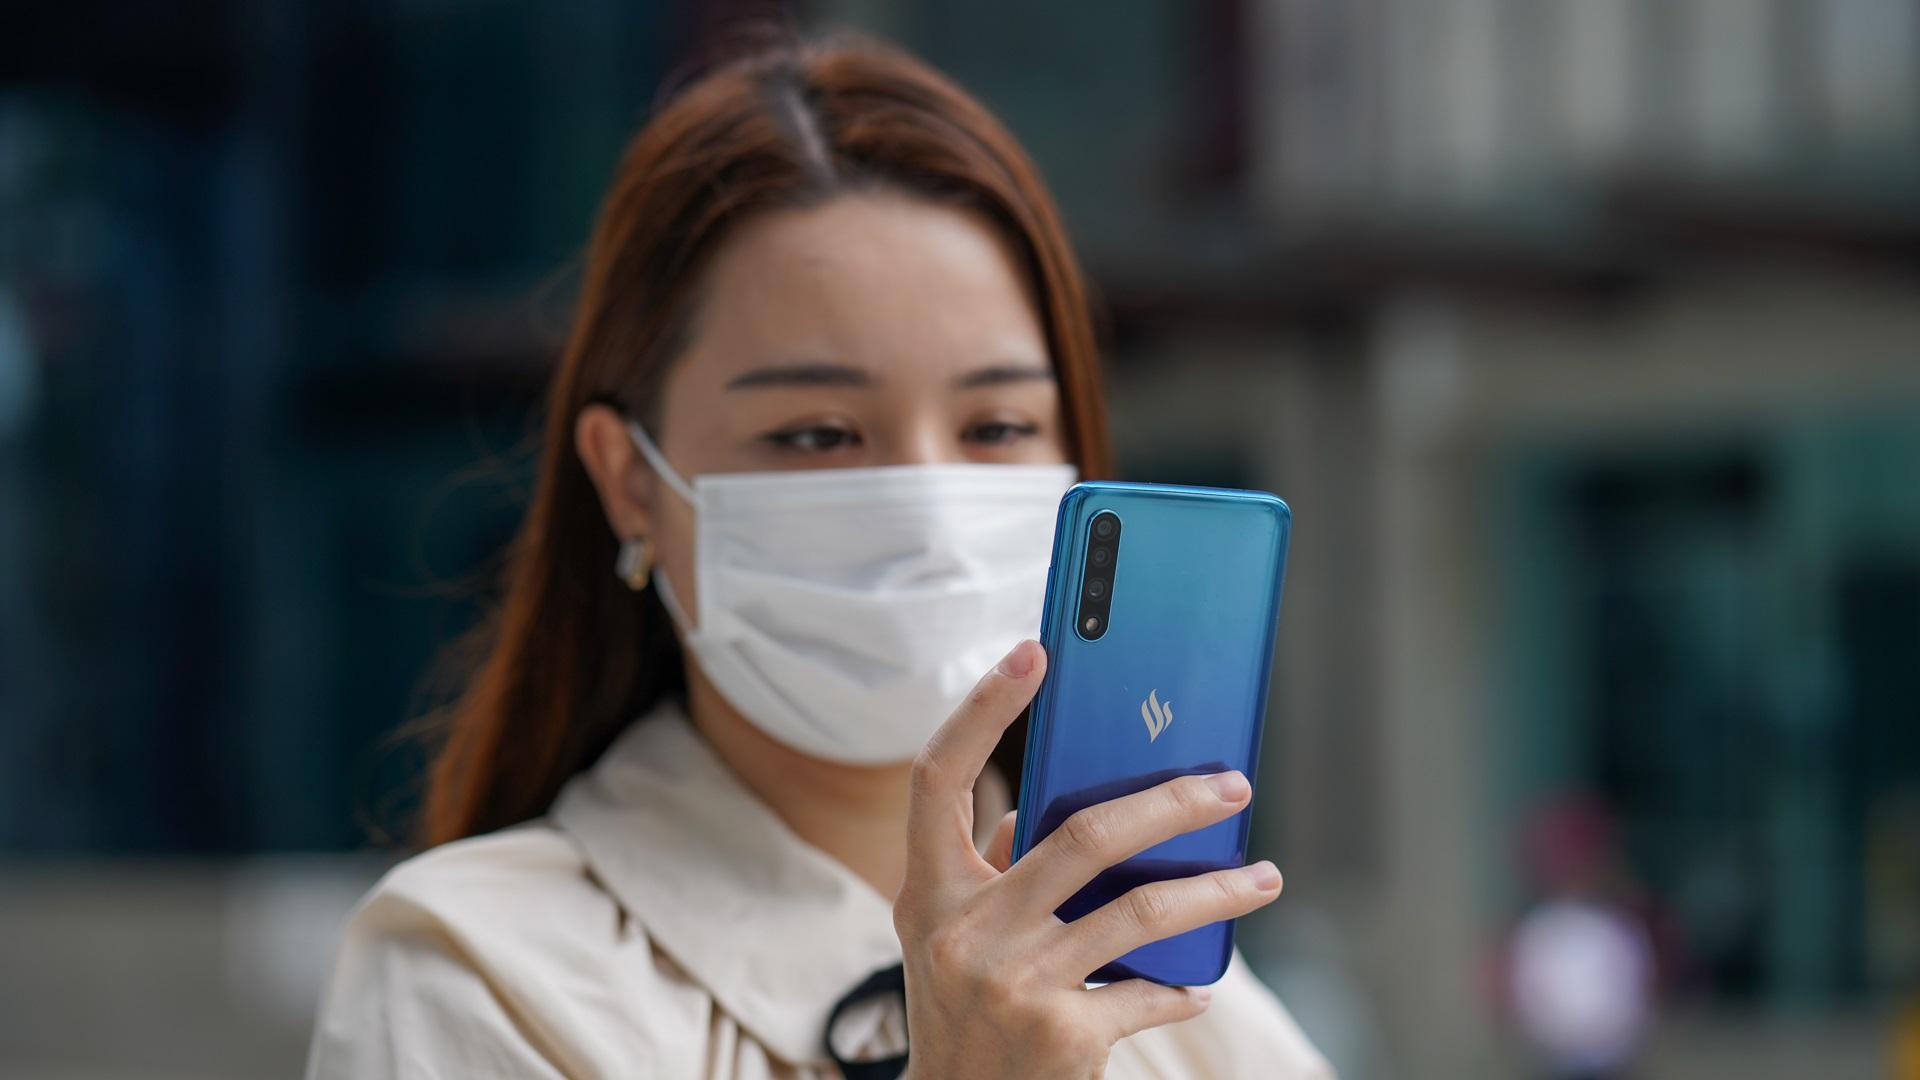 Vingroup giới thiệu công nghệ nhận diện khuôn mặt ngay cả khi đeo khẩu trang, sẽ cung cấp miễn phí để chống dịch Covid - 19 - Ảnh 1.